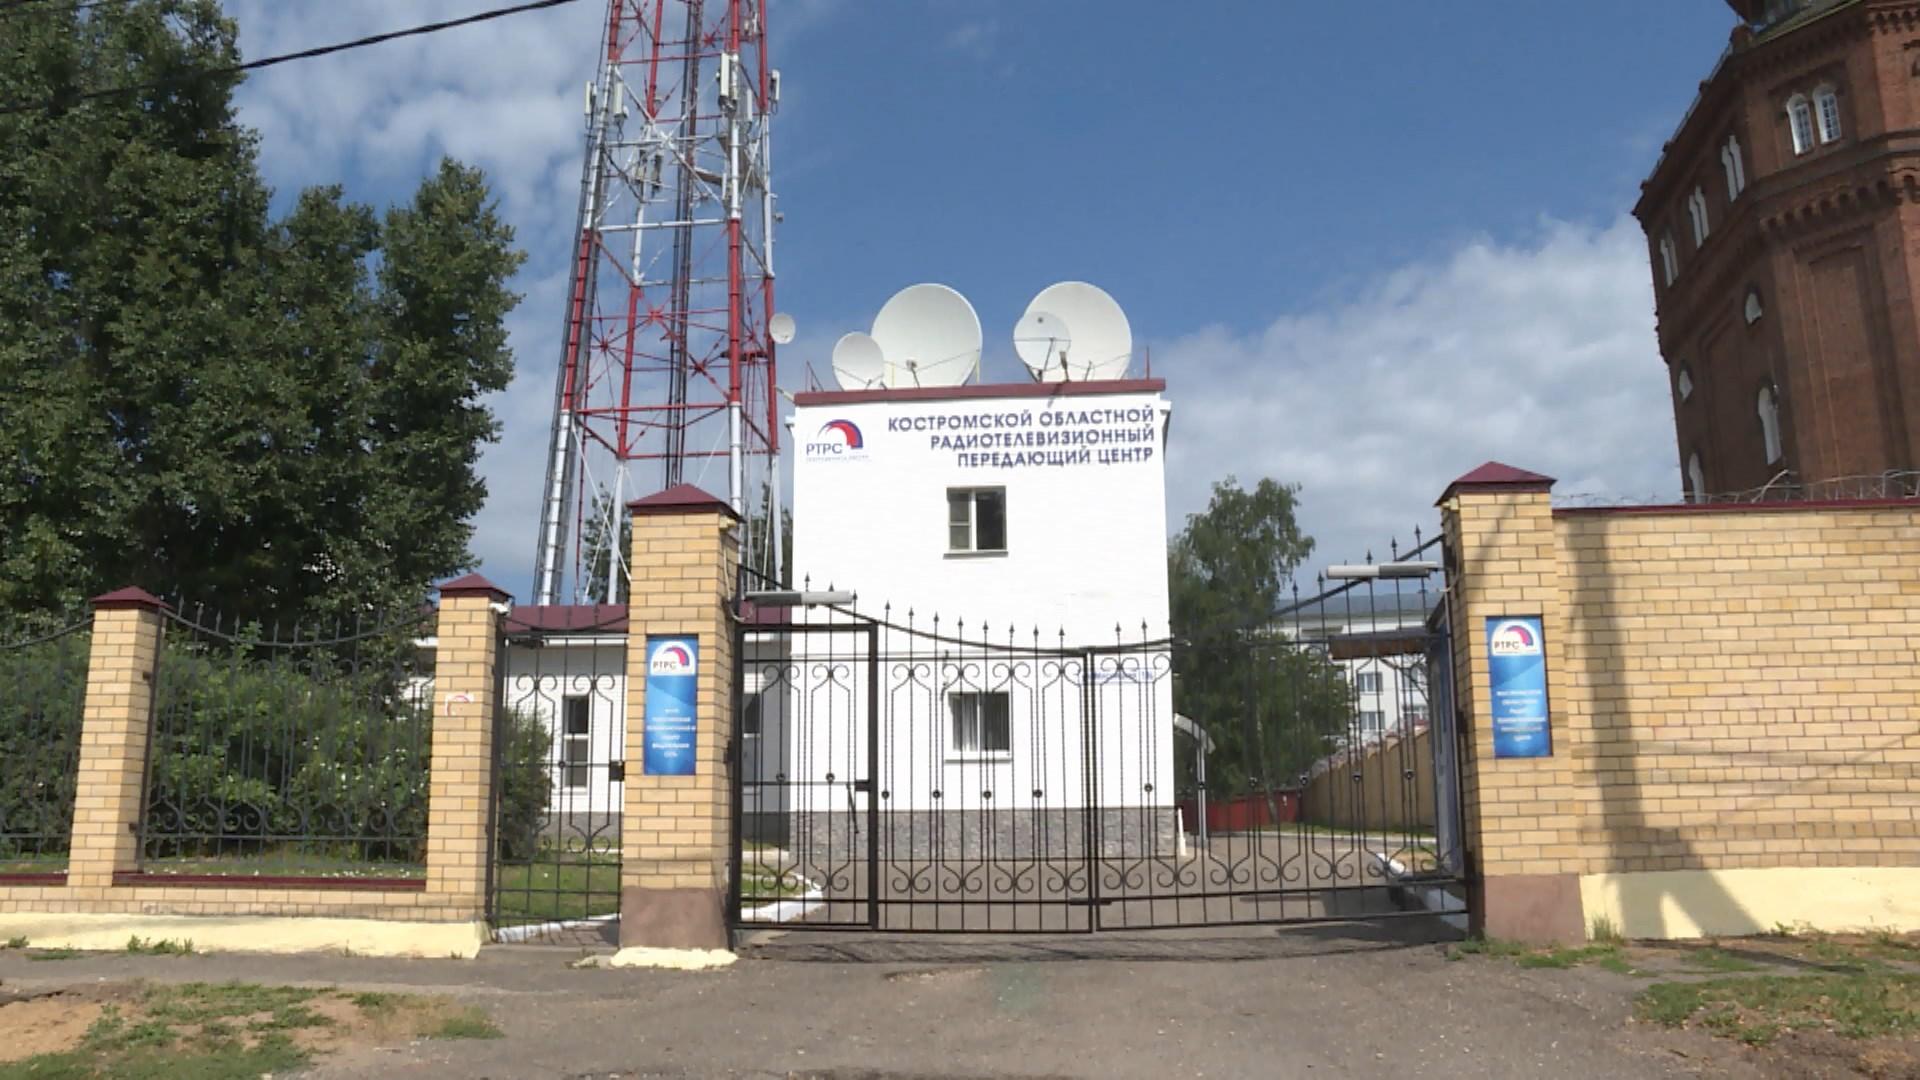 90-летие телевещания в Костроме отметят в стиле граффити